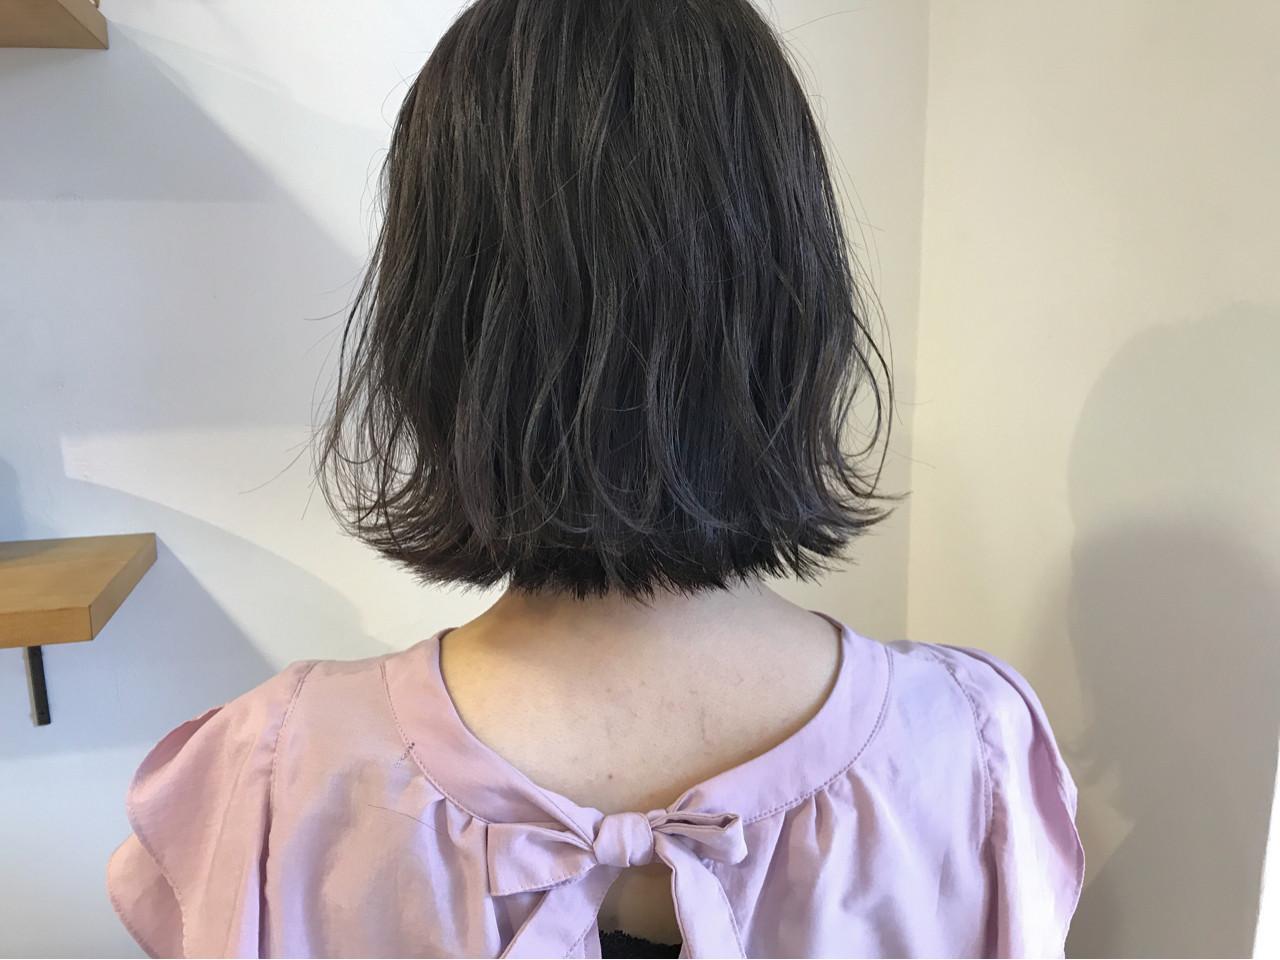 ボブ ハイライト 秋 透明感 ヘアスタイルや髪型の写真・画像